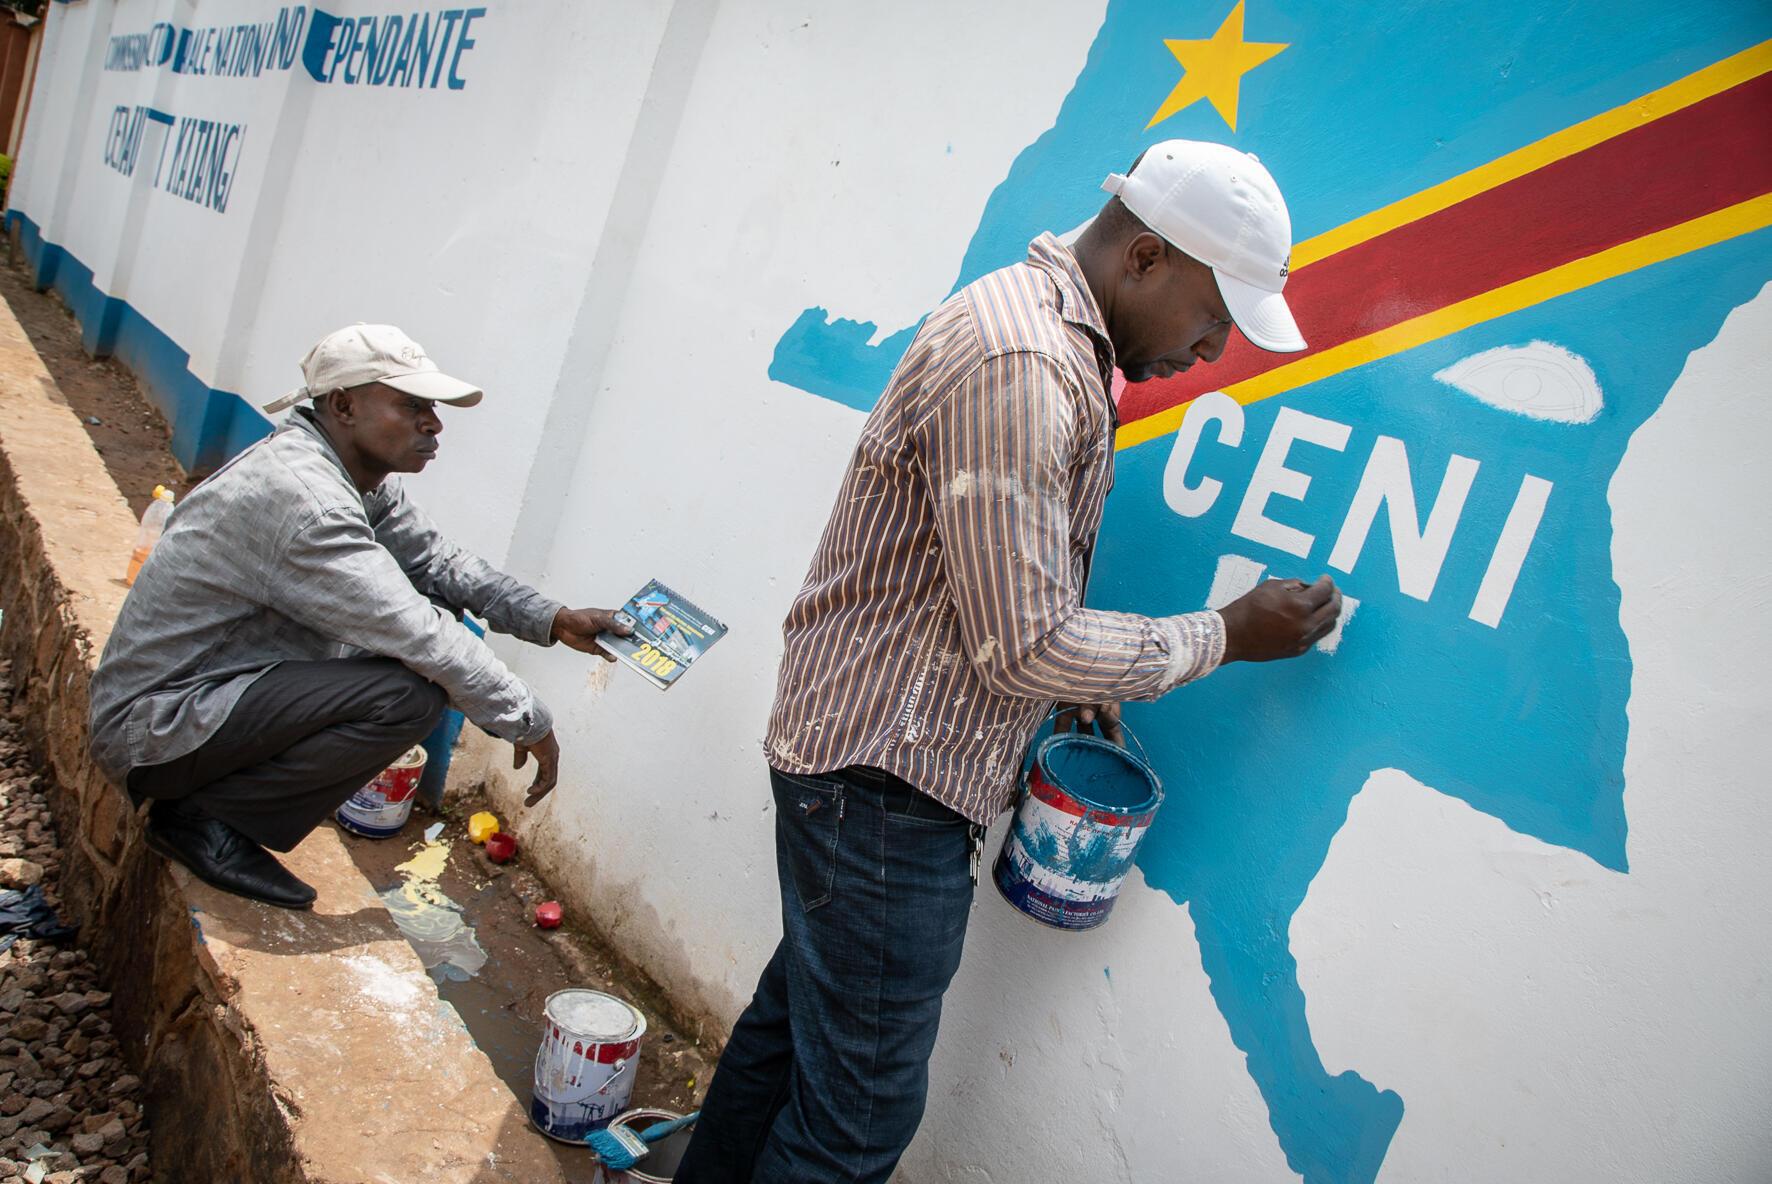 Nchini DRC, vita vya kuwania uenyekiti wa Tume Huru ya Uchaguzi  (CENI) inatia wasiwasi mashirika ya kiraia